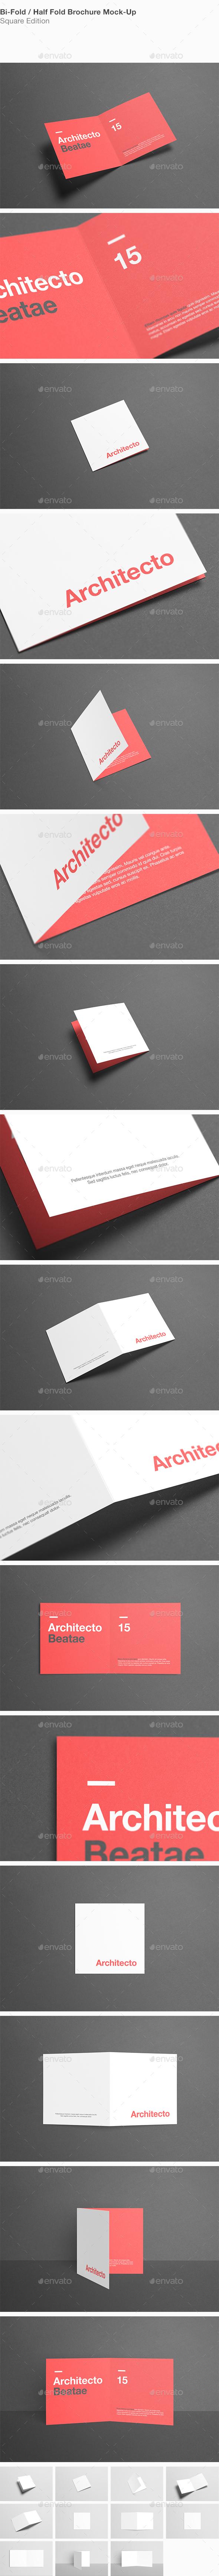 Square Bi-Fold / Half-Fold Brochure Mock-Up - Brochures Print